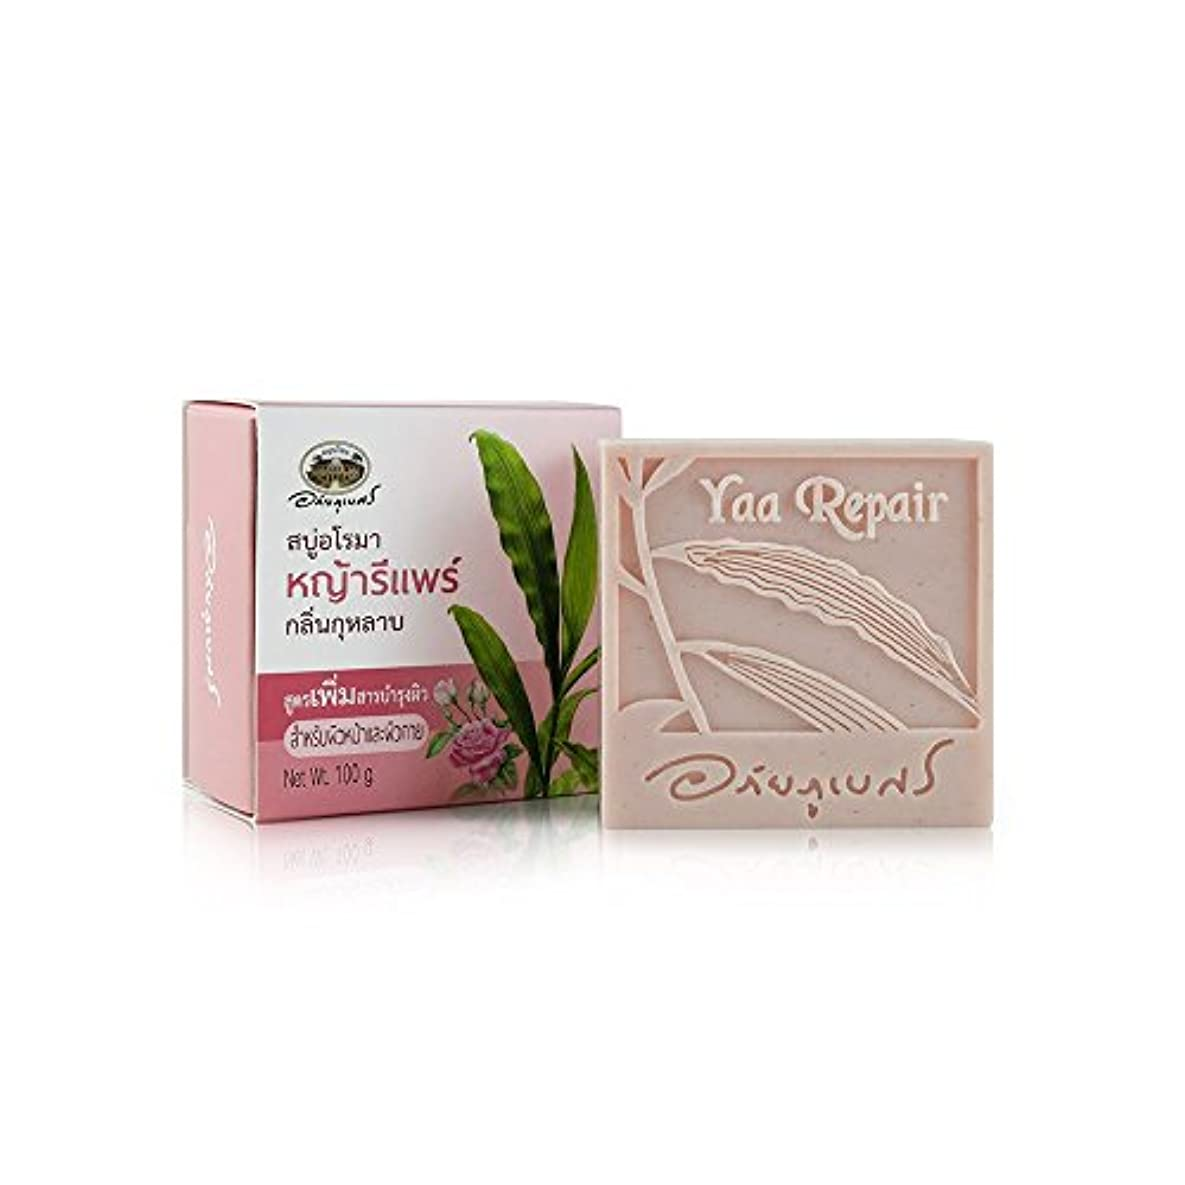 胸辞書やりがいのあるAbhaibhubejhr Thai Aromatherapy With Rose Skin Care Formula Herbal Body Face Cleaning Soap 100g. Abhaibhubejhr...